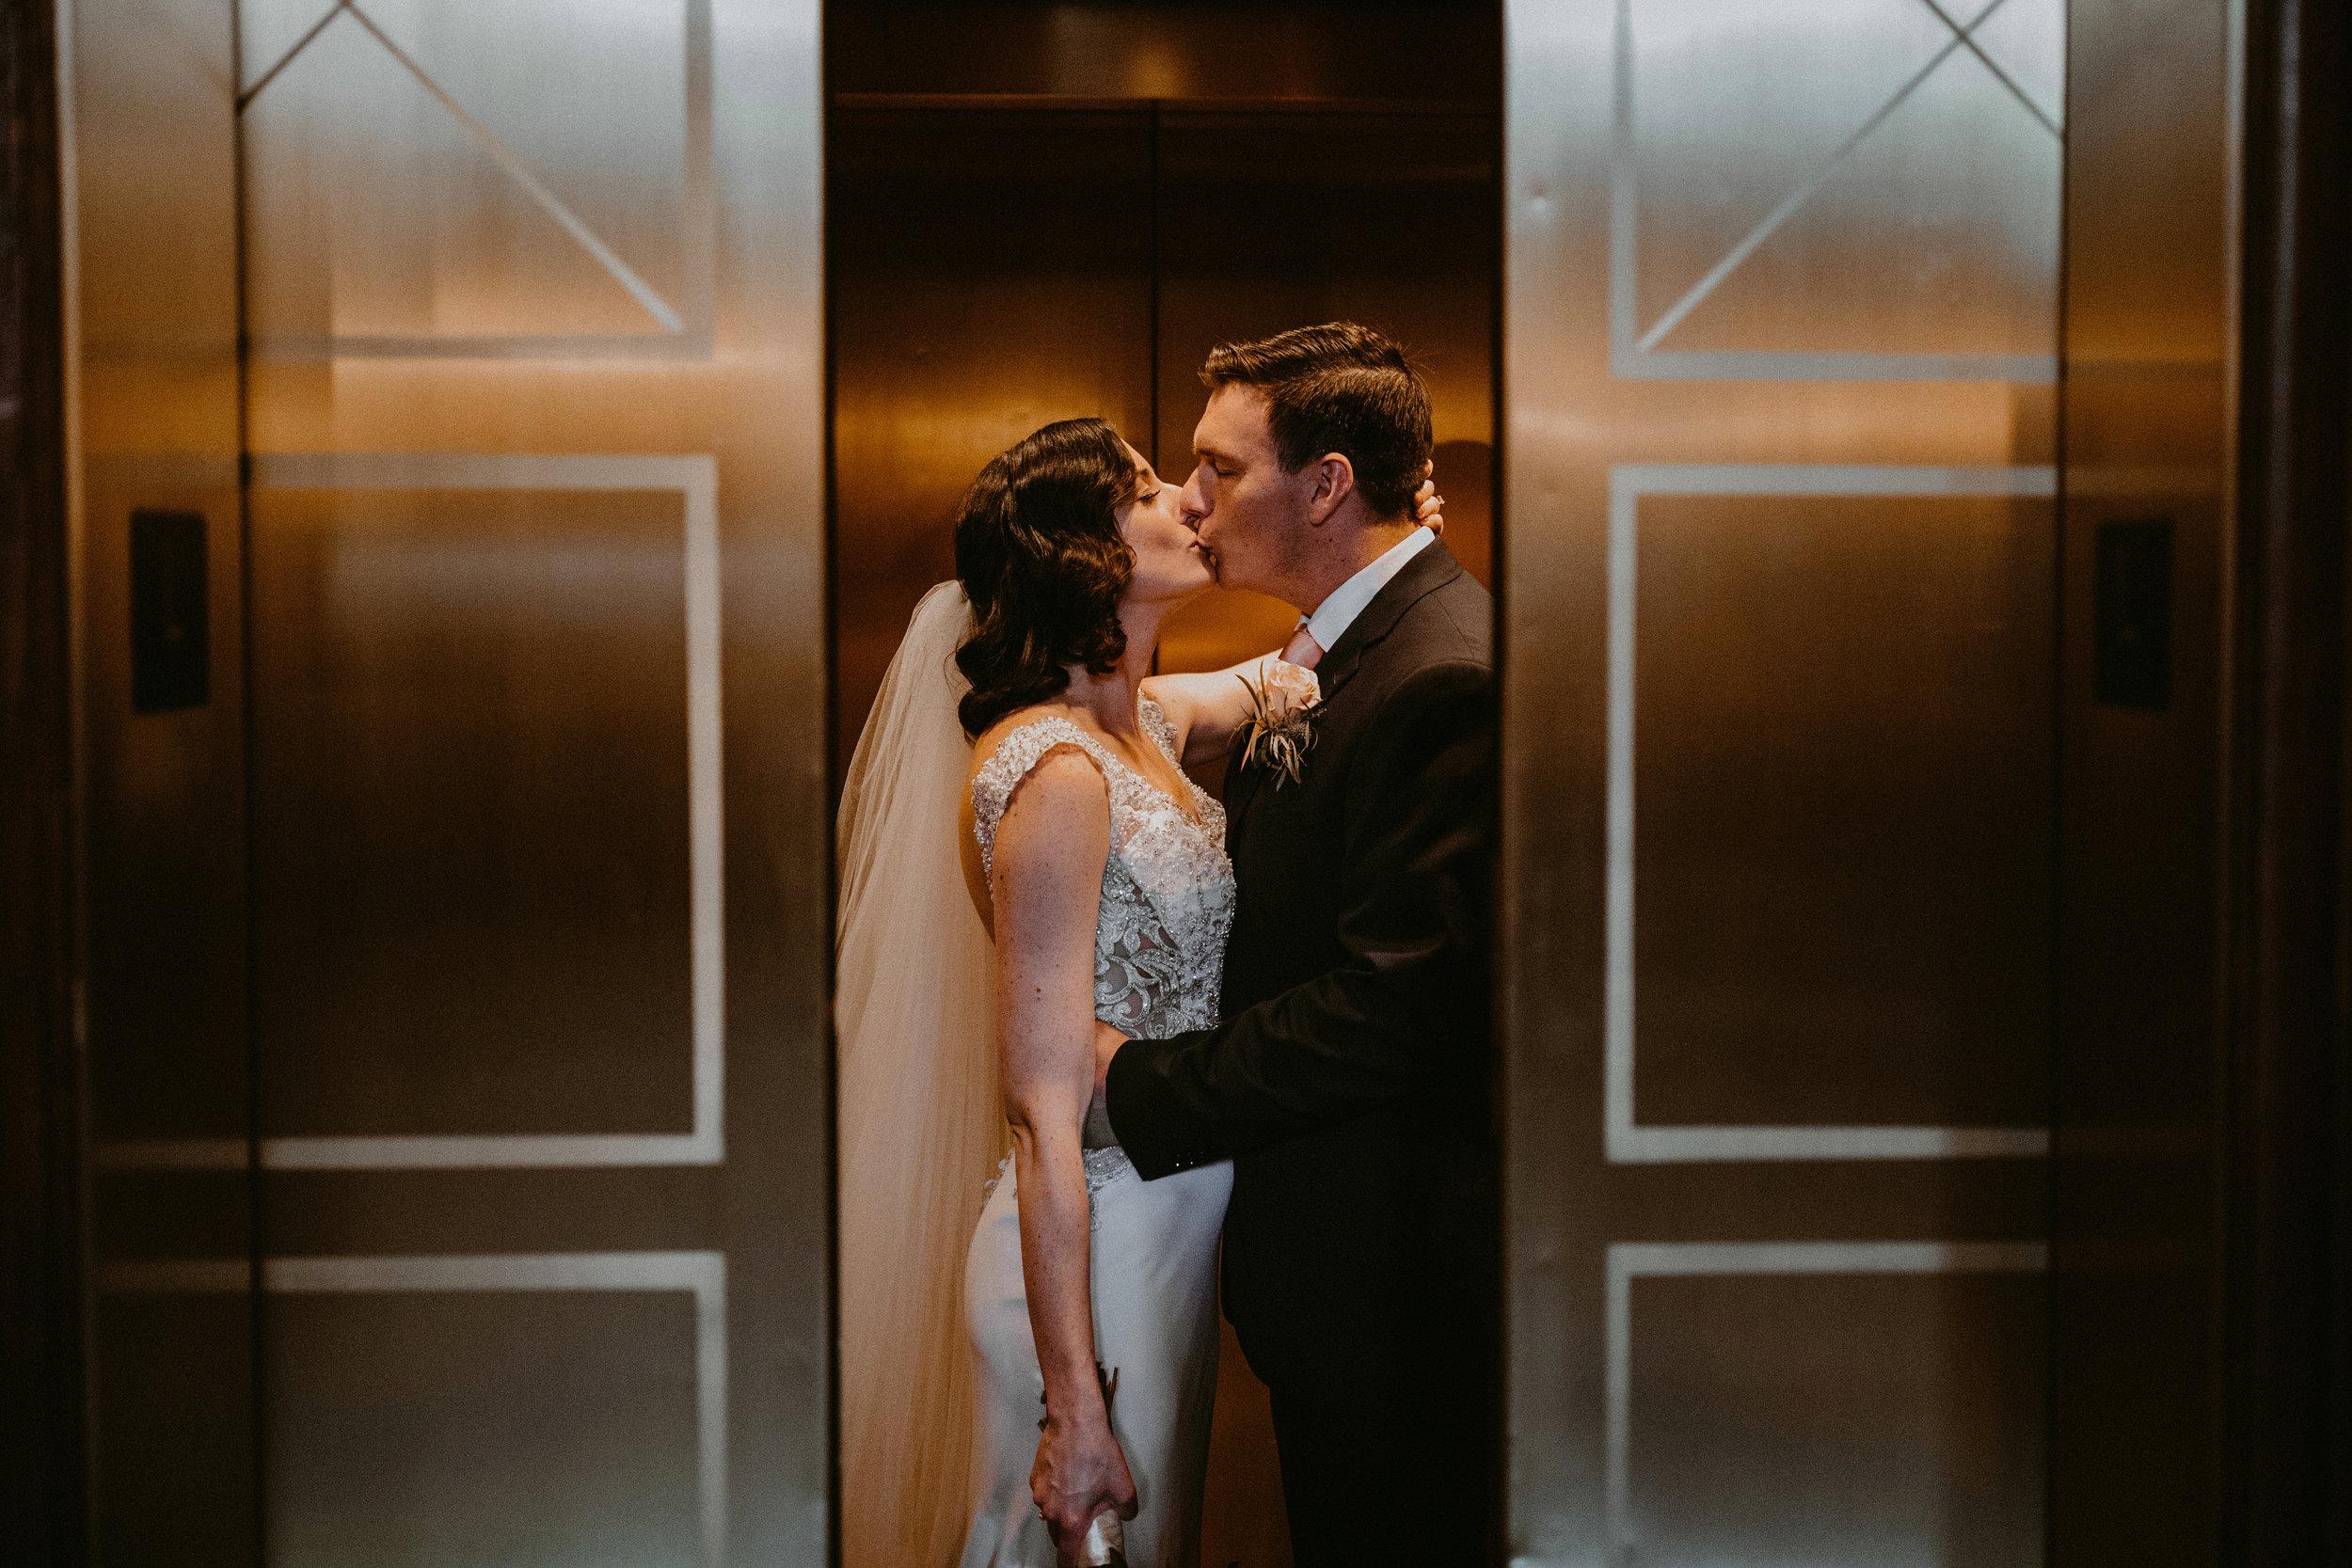 LaurenandAlex-weddingpreviews(17of35).jpg